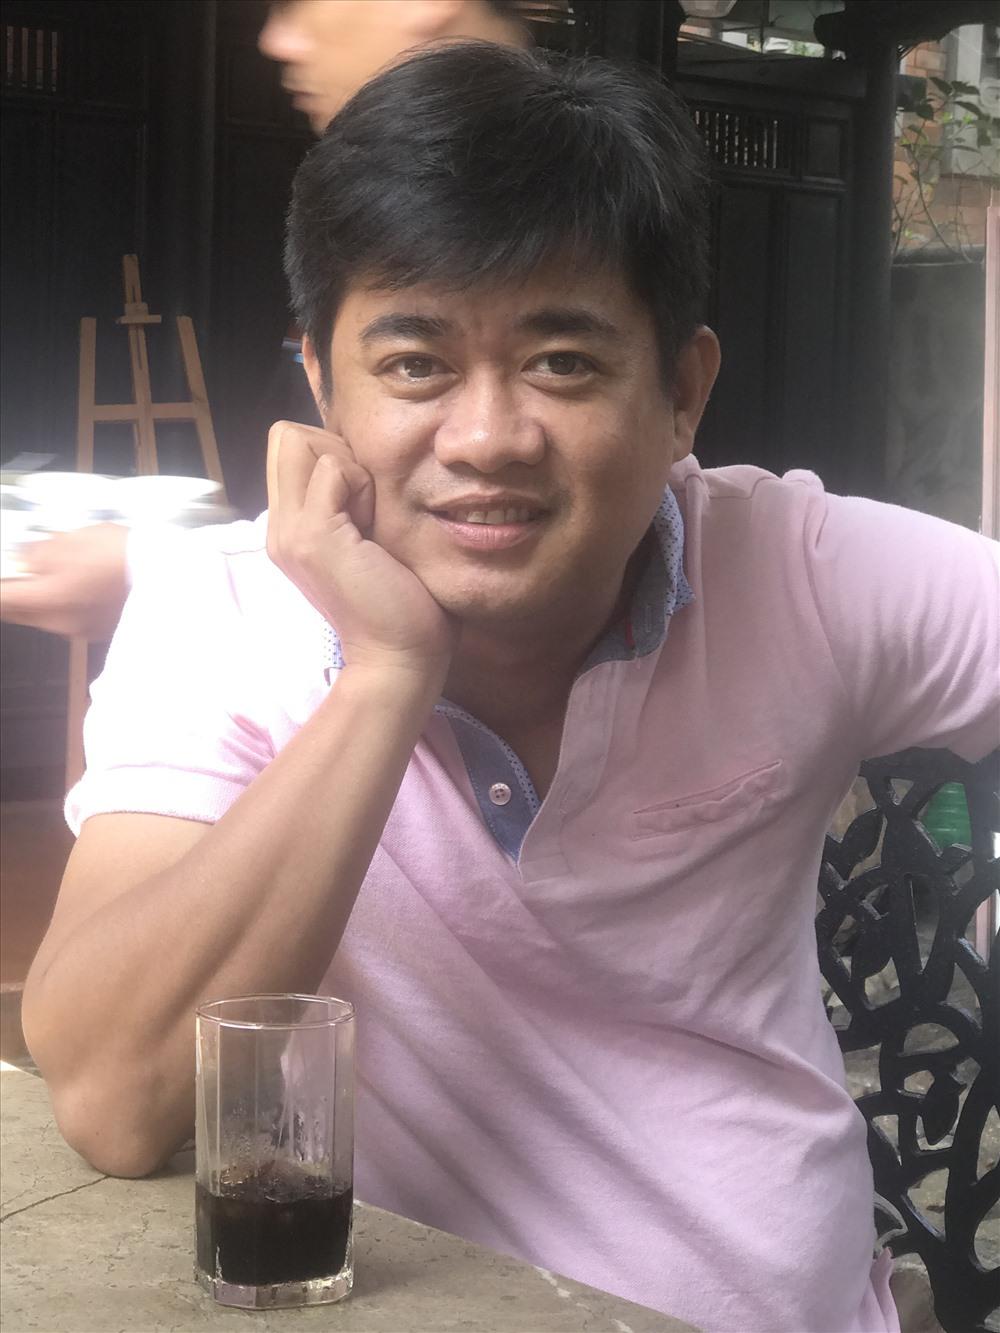 KTS Lê Trọng Vũ sinh ra và lớn lên ở Đà Nẵng. Anh tốt nghiệp trường Đại học Kiến trúc thành phố Hồ Chí Minh năm 2004. Là người đầu tiên mở quán cà phê sách ở Đà Nẵng (năm 2005), phối hợp với Hội Liên hiệp thanh niên. Từ năm 2006 đến nay, anh hoạt động trong lĩnh vực kiến trúc bằng công ty riêng của mình.